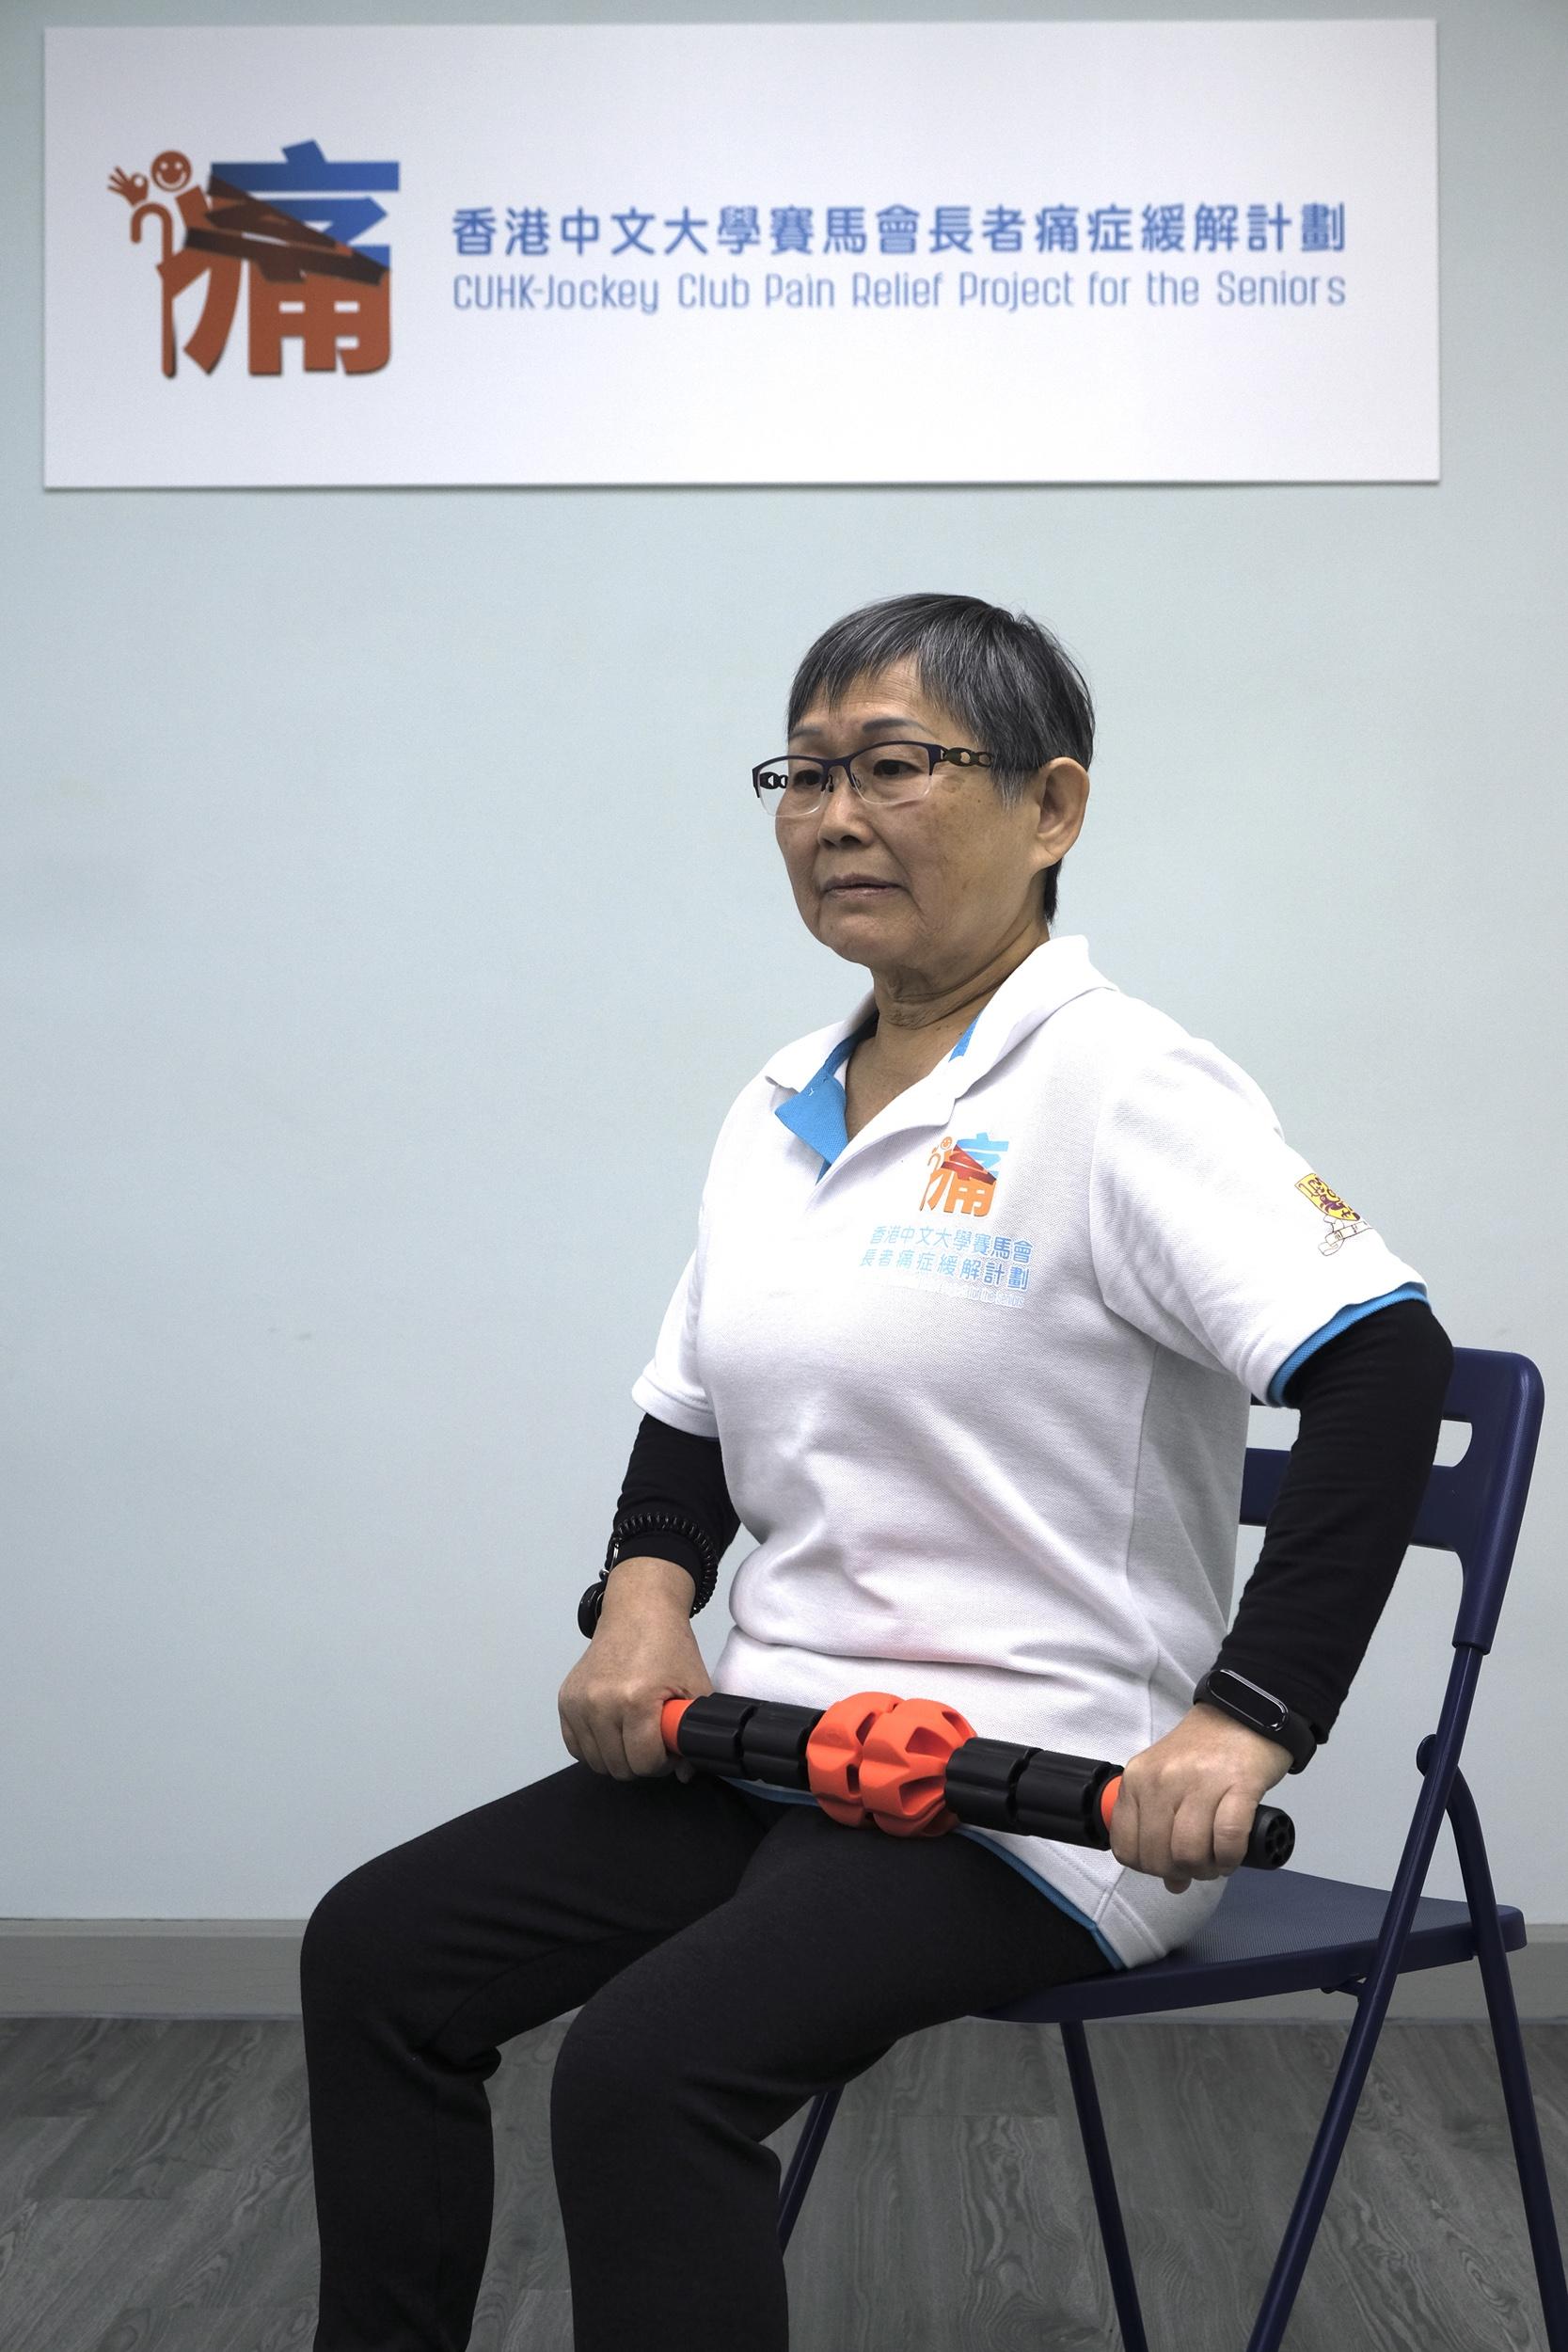 计划设有体适能教练,指导长者进行一系列痛症复康运动,增强他们的肌肉力量及身体柔软度。